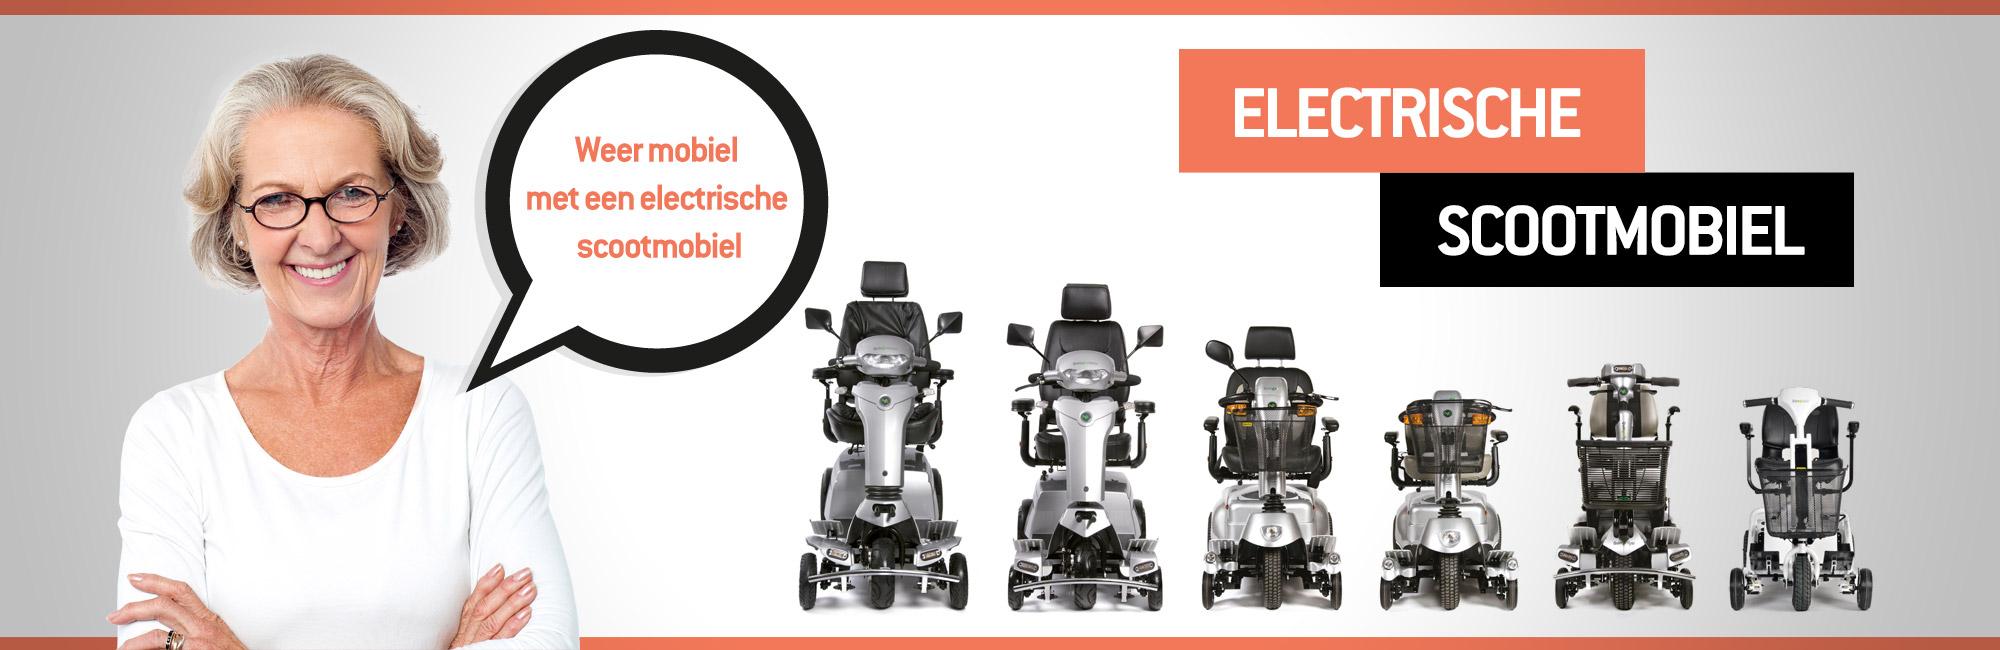 Elektrische-scootmobiel(3)